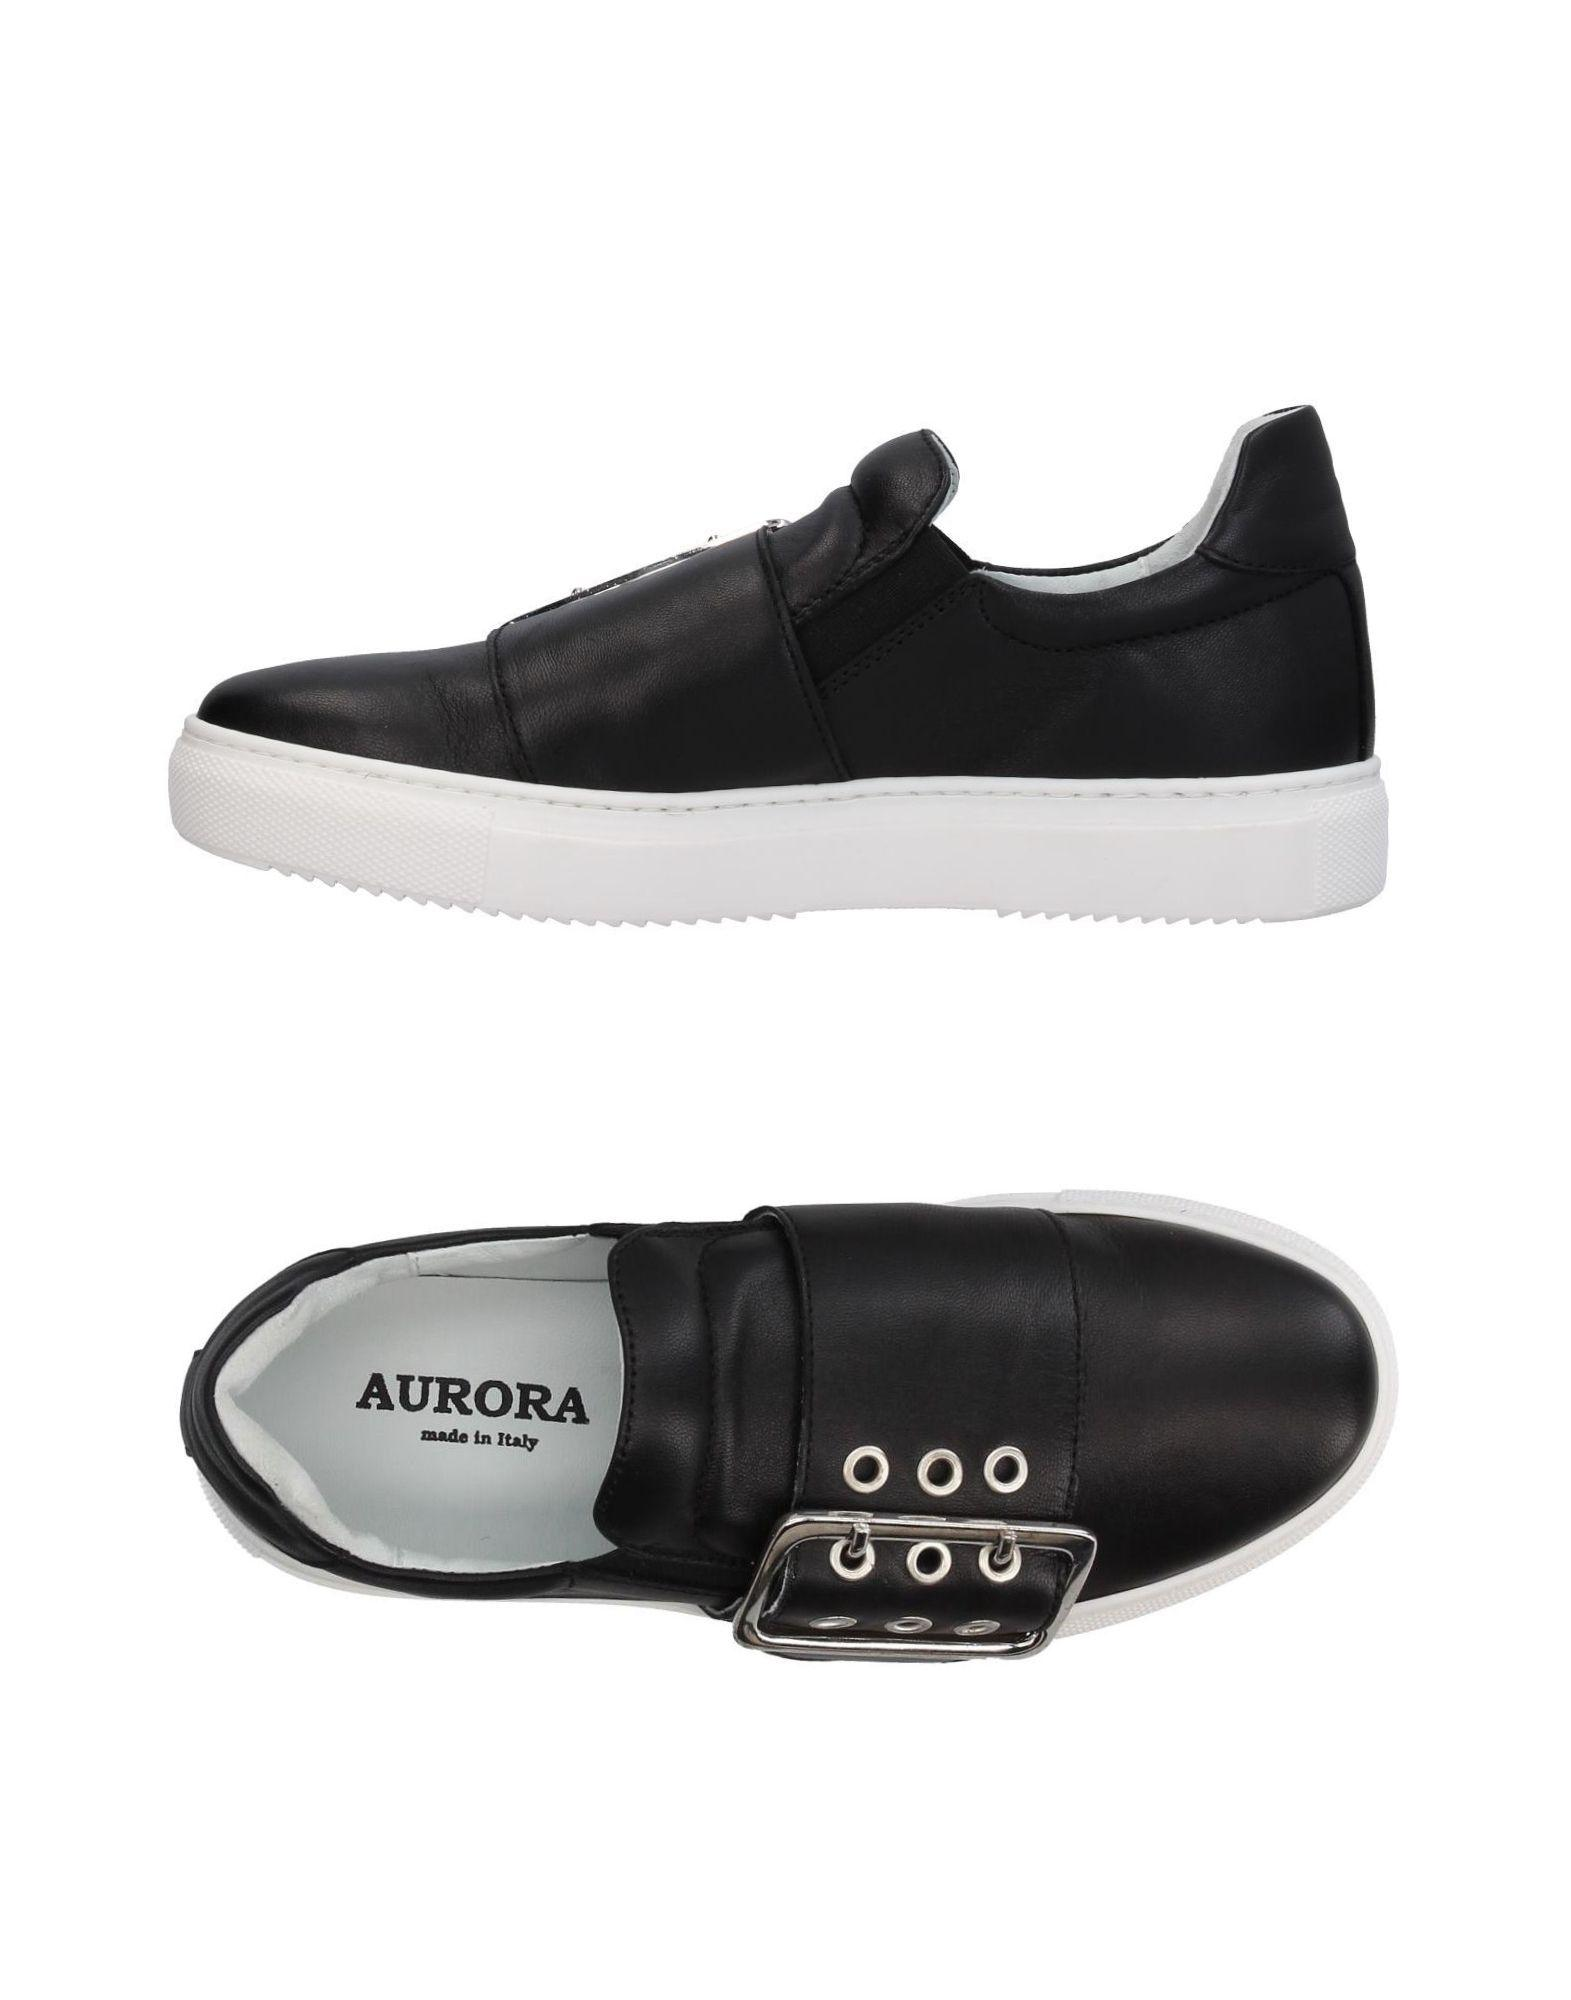 FOOTWEAR - Low-tops & sneakers Aurora Gn54nYF